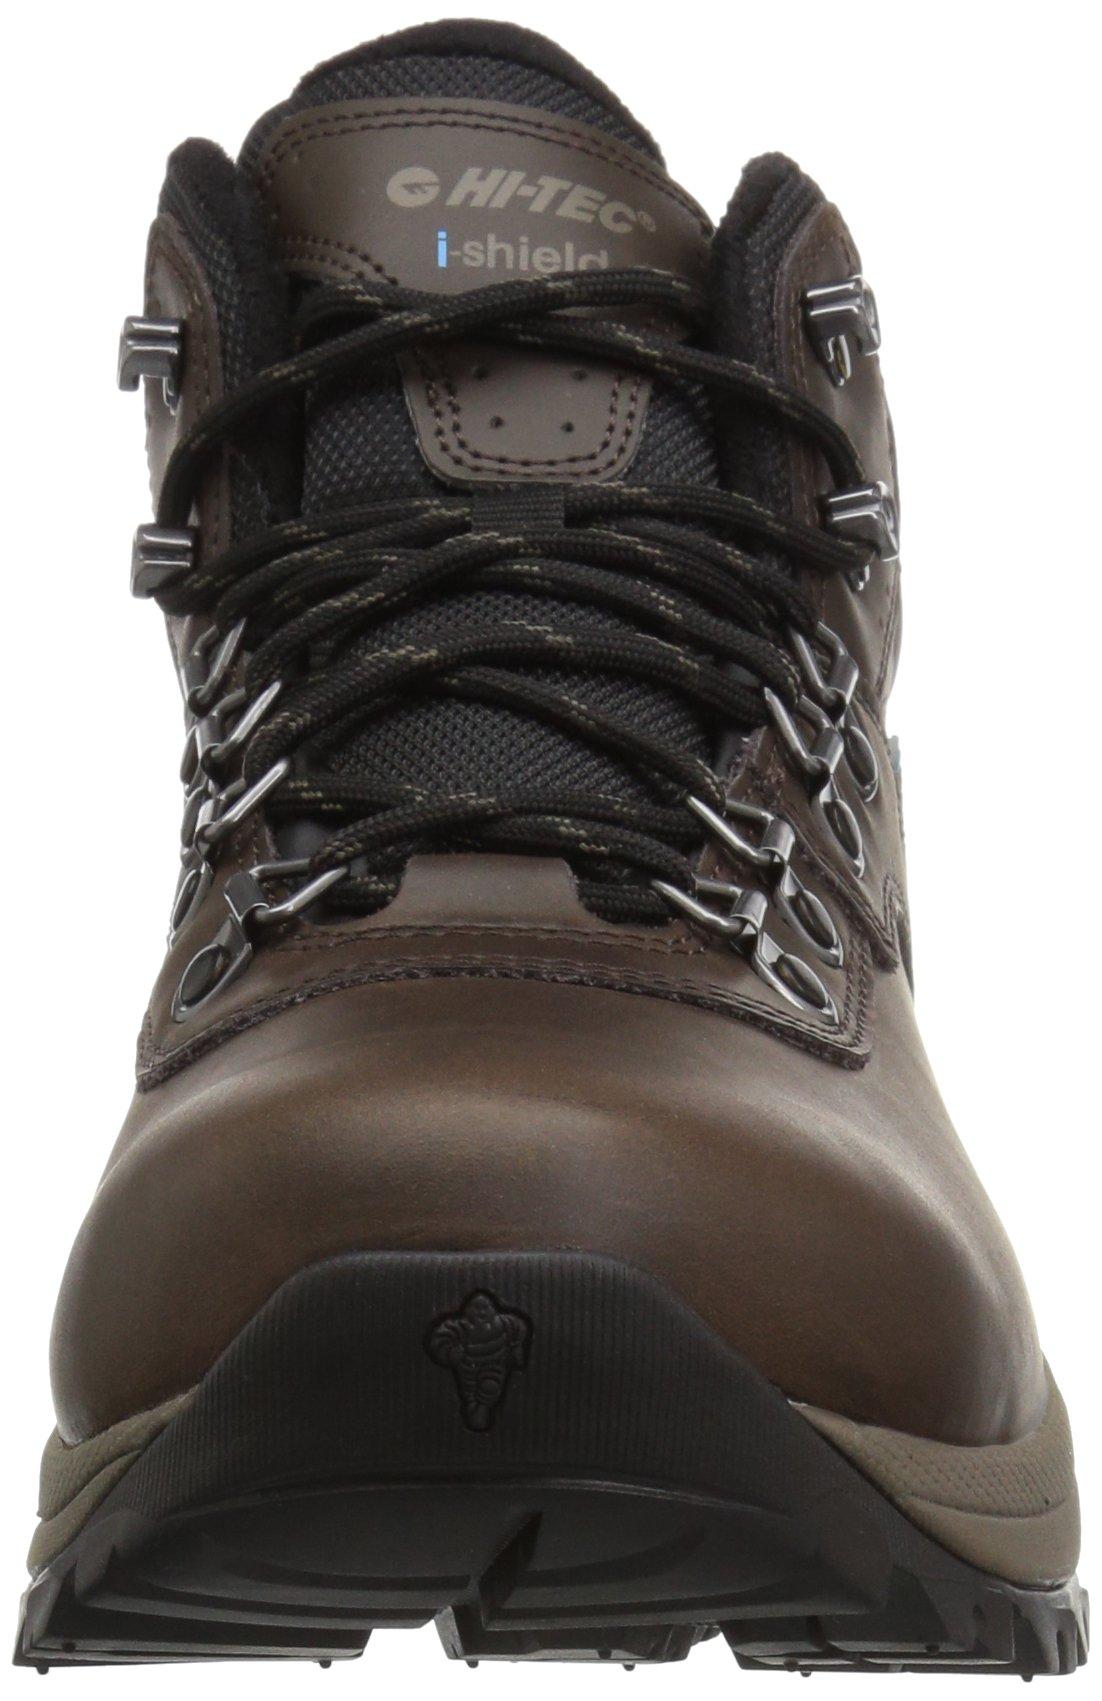 Hi-Tec Men's Altitude VI I Waterproof Hiking Boot, Dark Chocolate, 9.5 D US by Hi-Tec (Image #4)